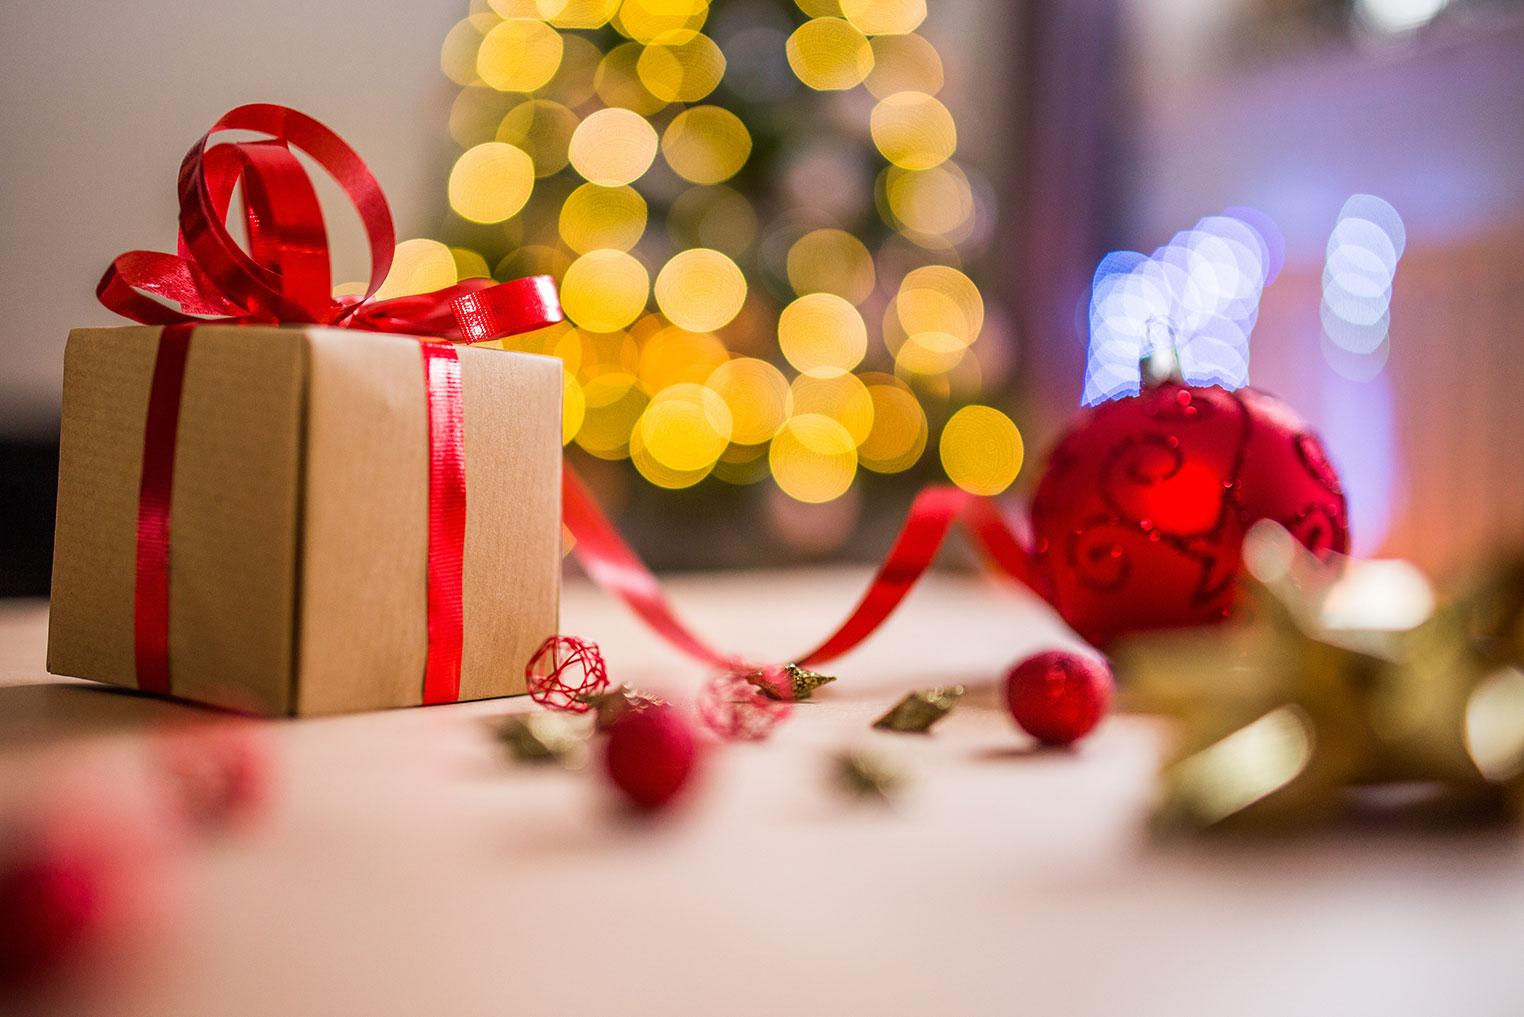 Des cadeaux fun à moins de 20 euros pour Noël ?   Smile Magazine